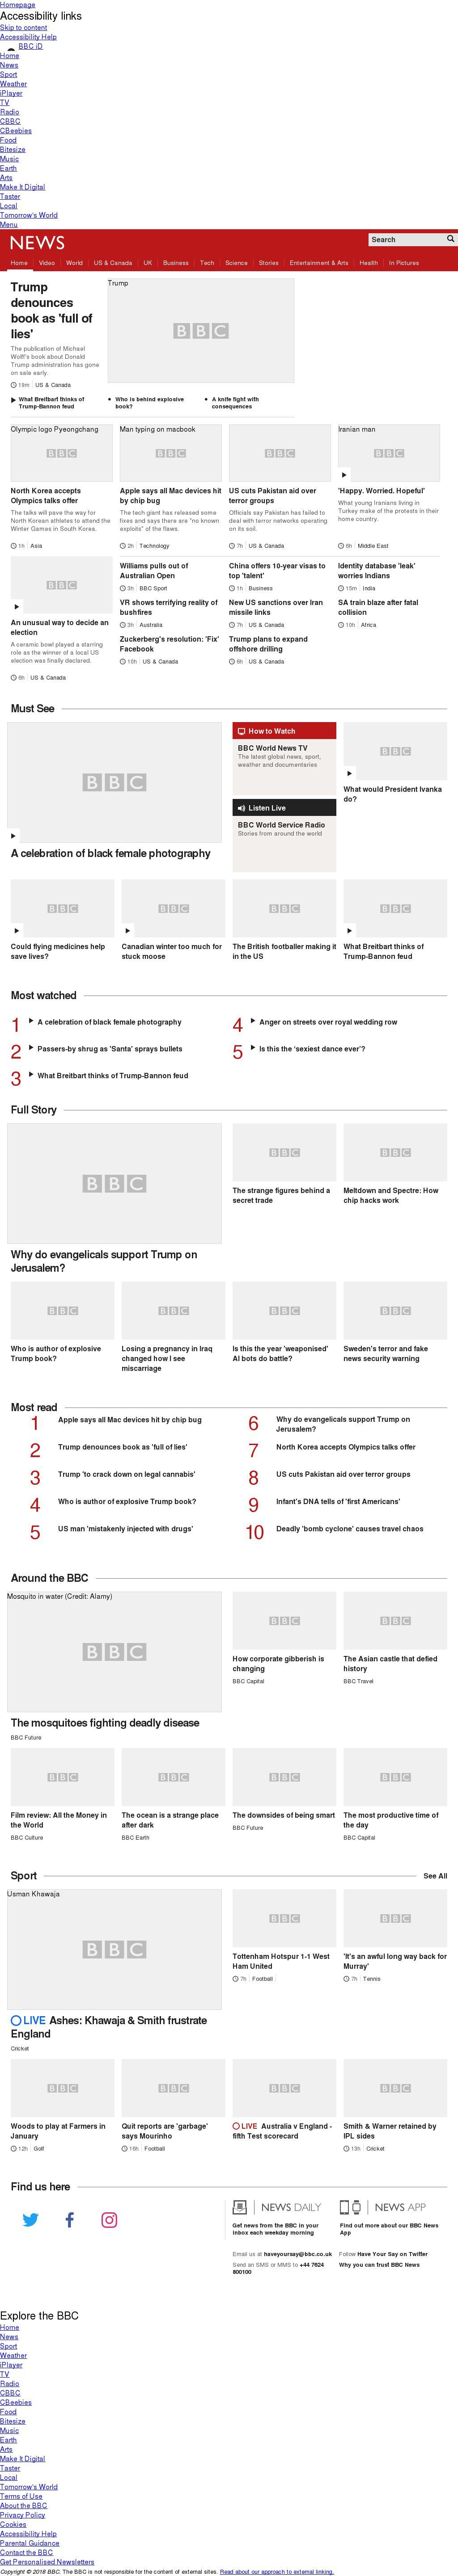 BBC at Friday Jan. 5, 2018, 6 a.m. UTC